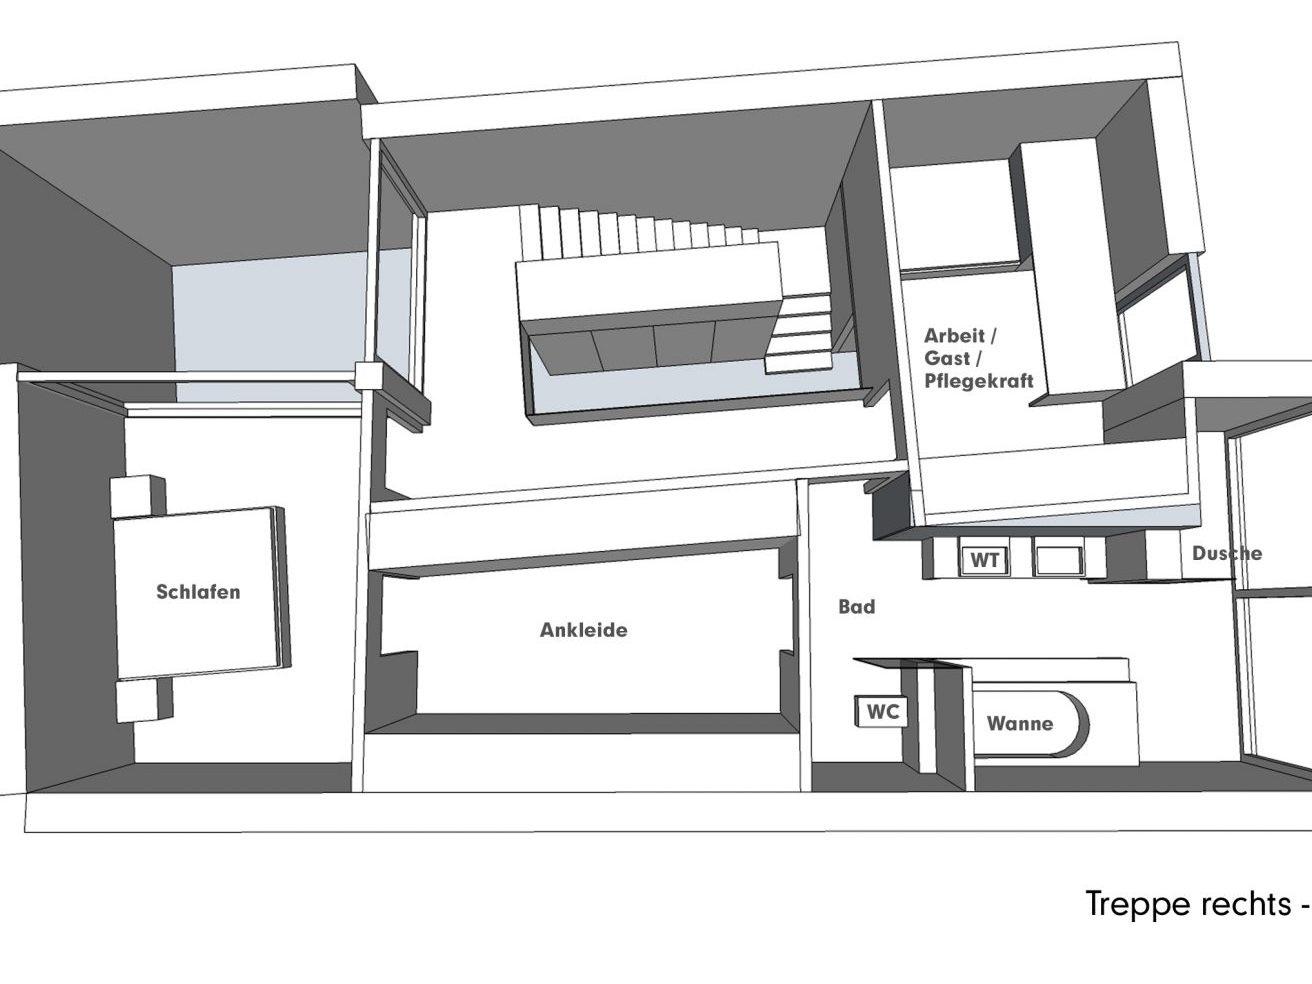 Nutzungskonzepte für Neubau - Treppe rechts - OG